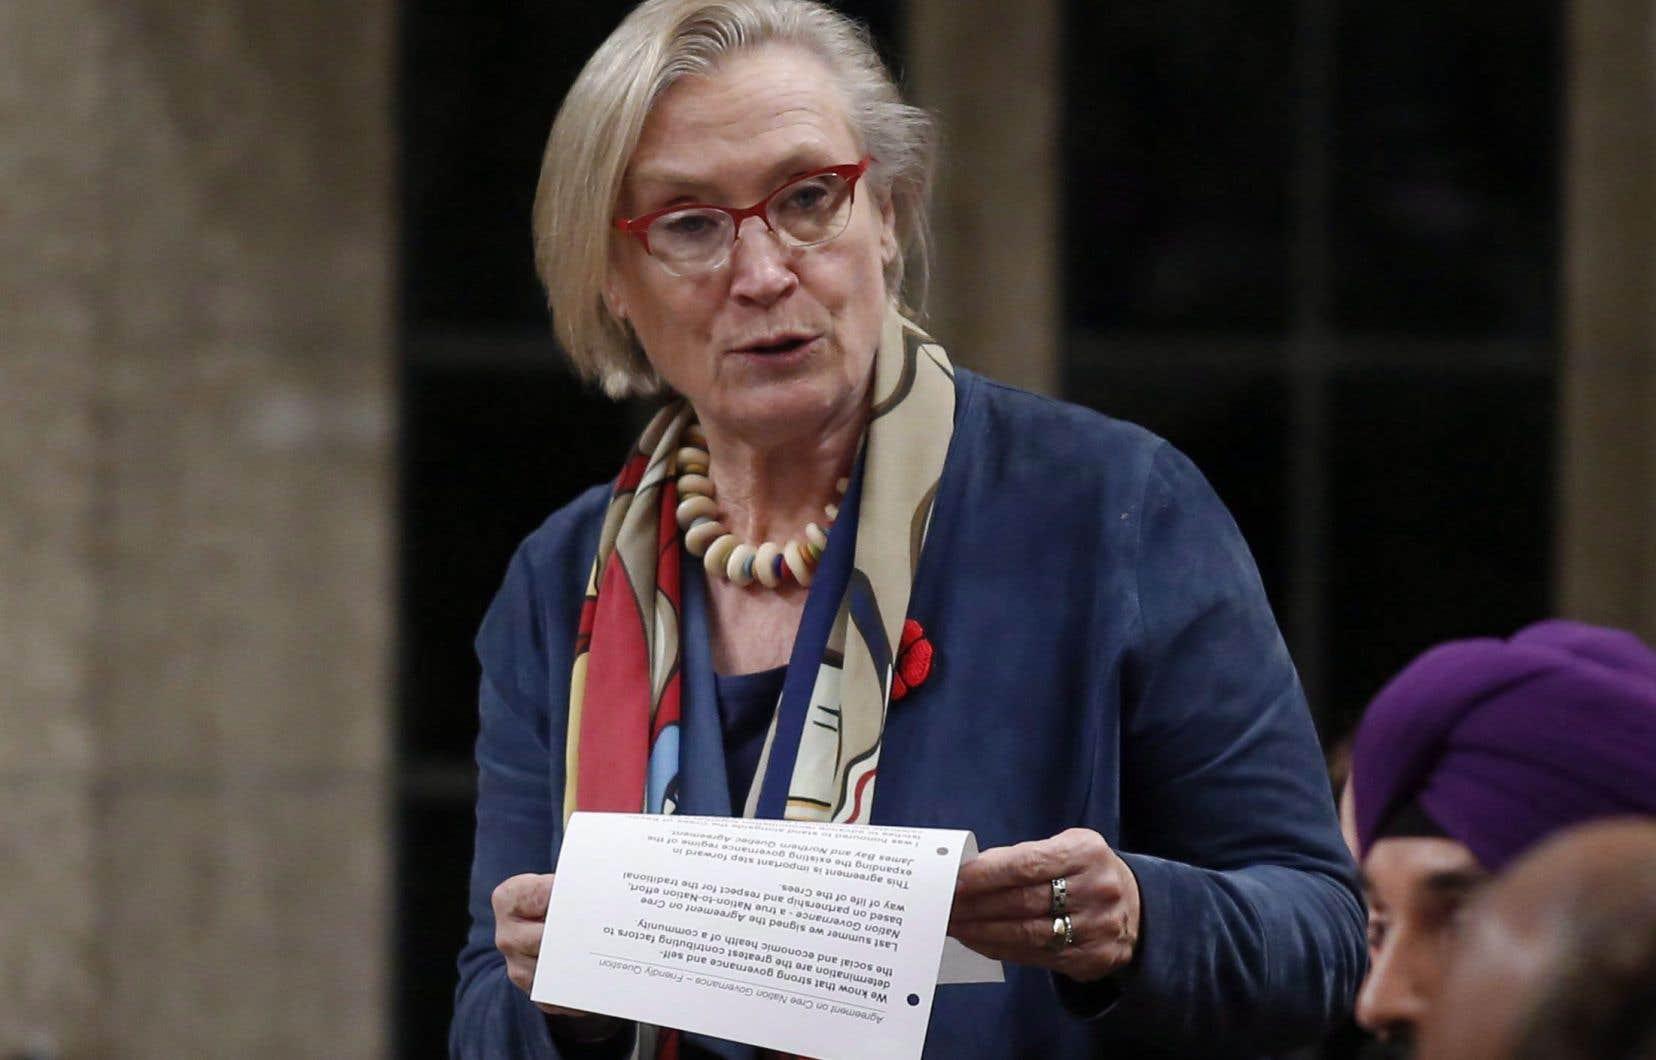 «Notre gouvernement souhaite prendre cette occasion pour démontrer que la réconciliation n'est pas une question partisane», a déclaré la ministre Carolyn Bennett, lorsqu'elle a pris la parole aux Communes.